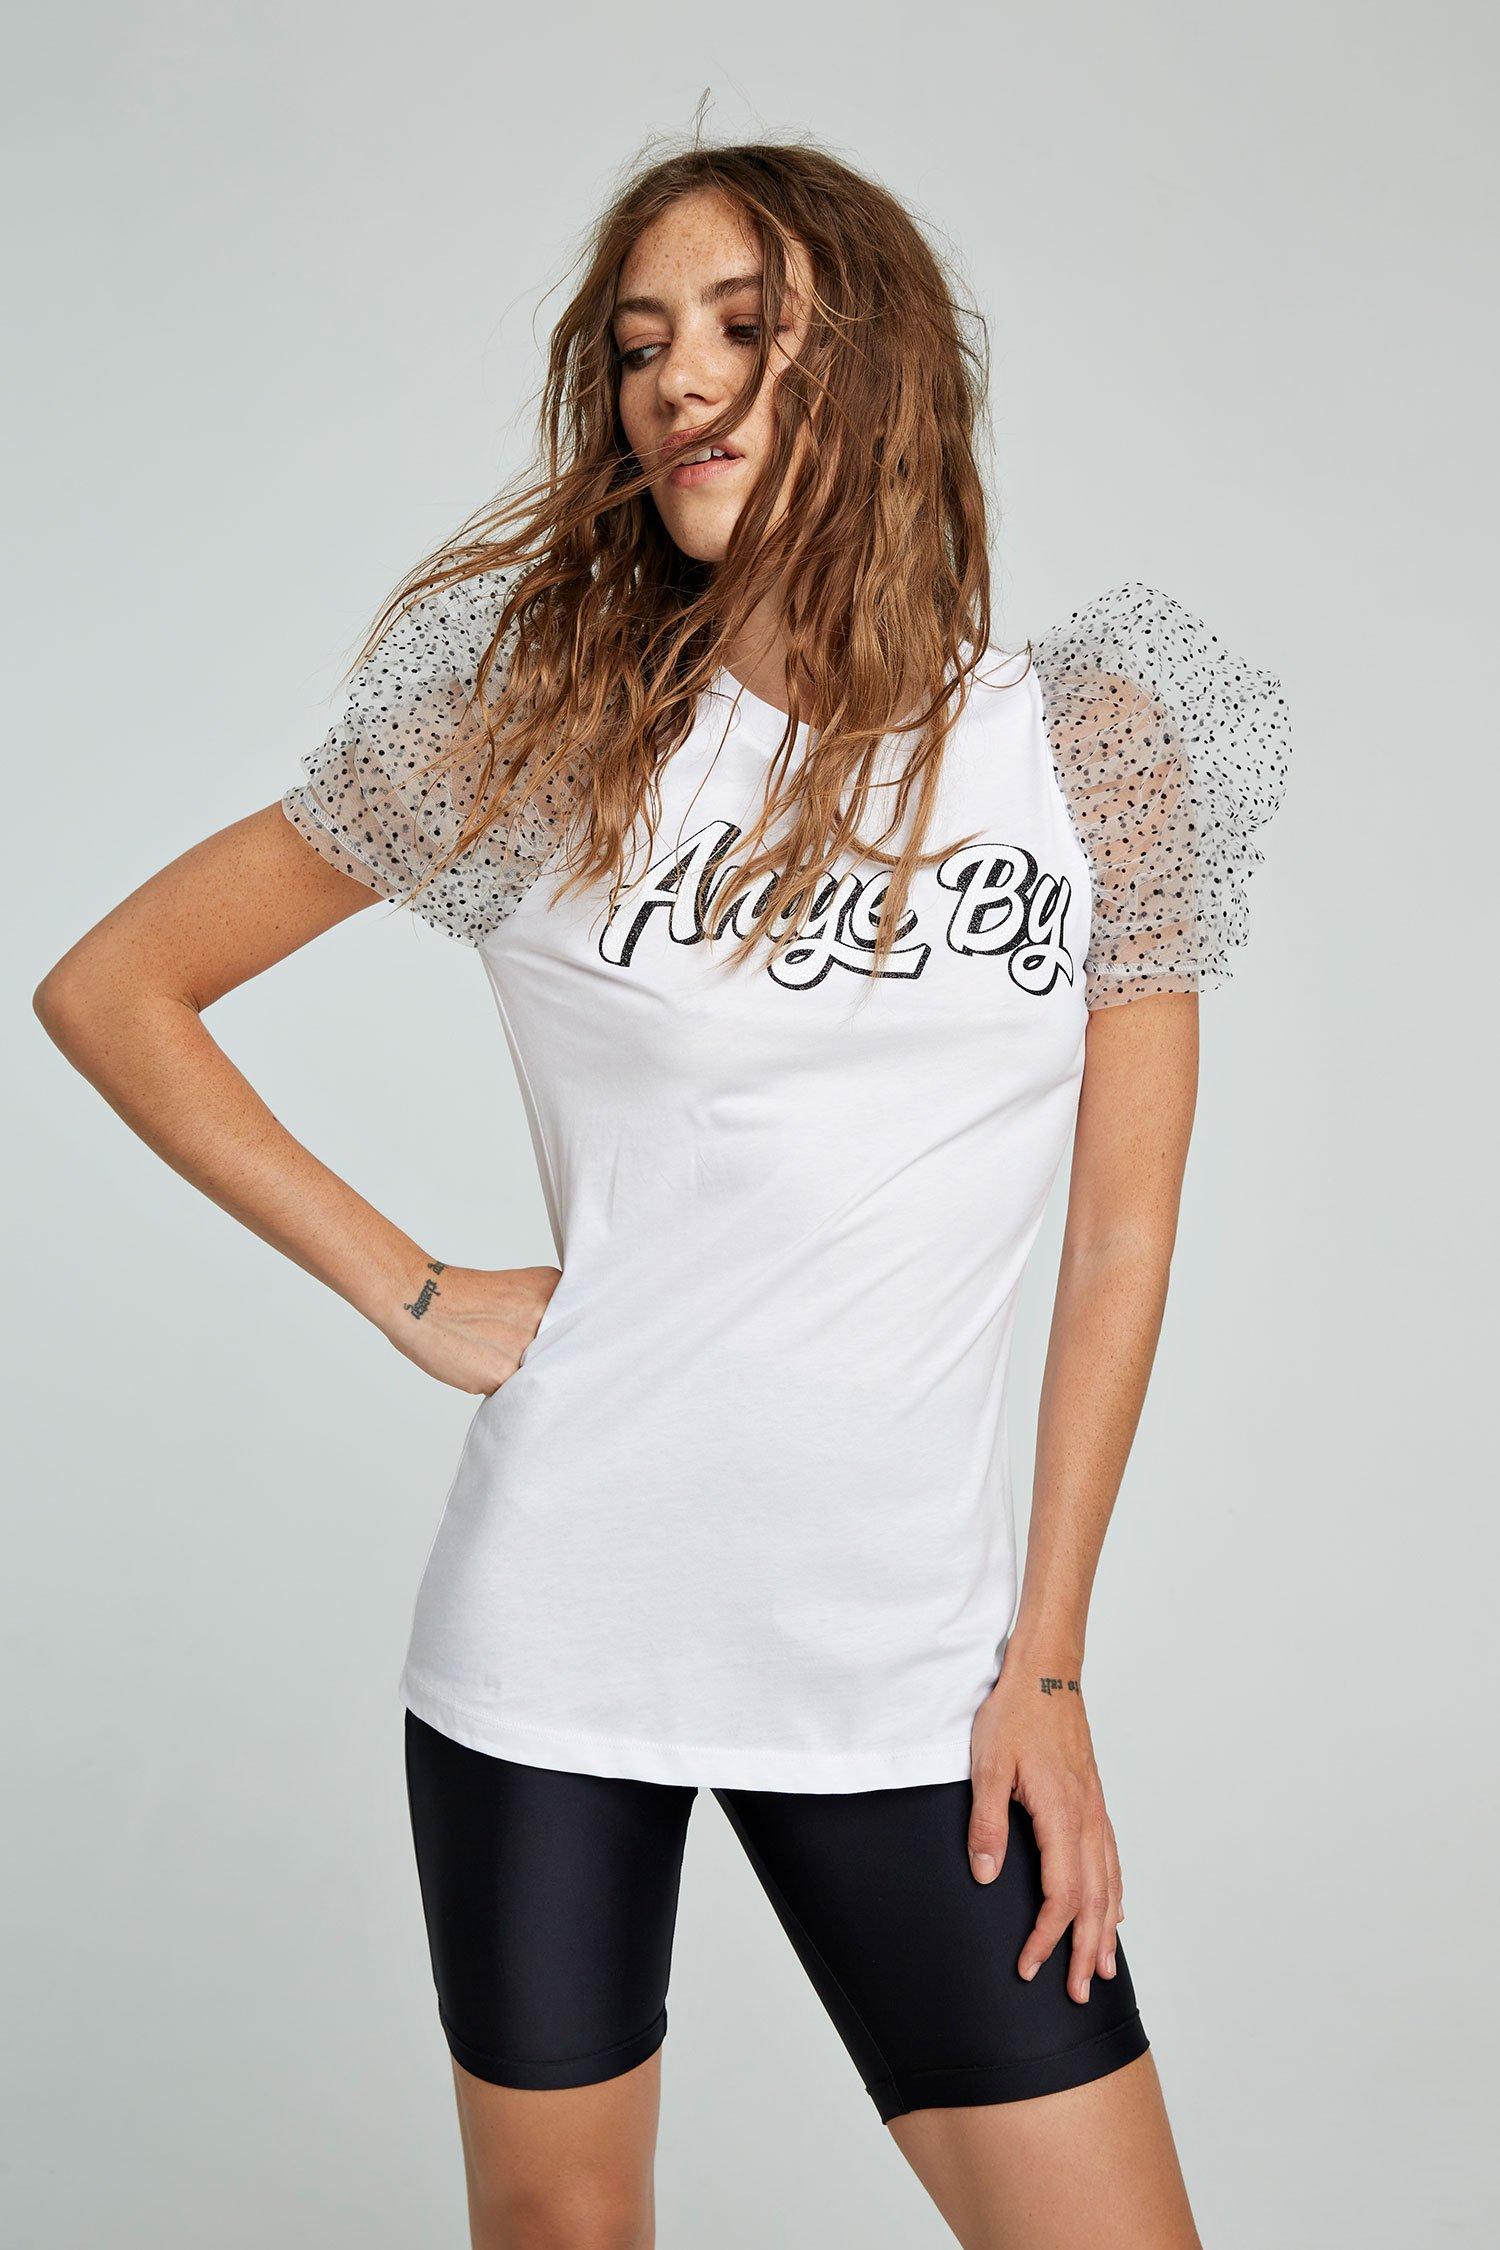 t-shirt pois maty aniye by ANIYE BY | T-shirt | 18563401898